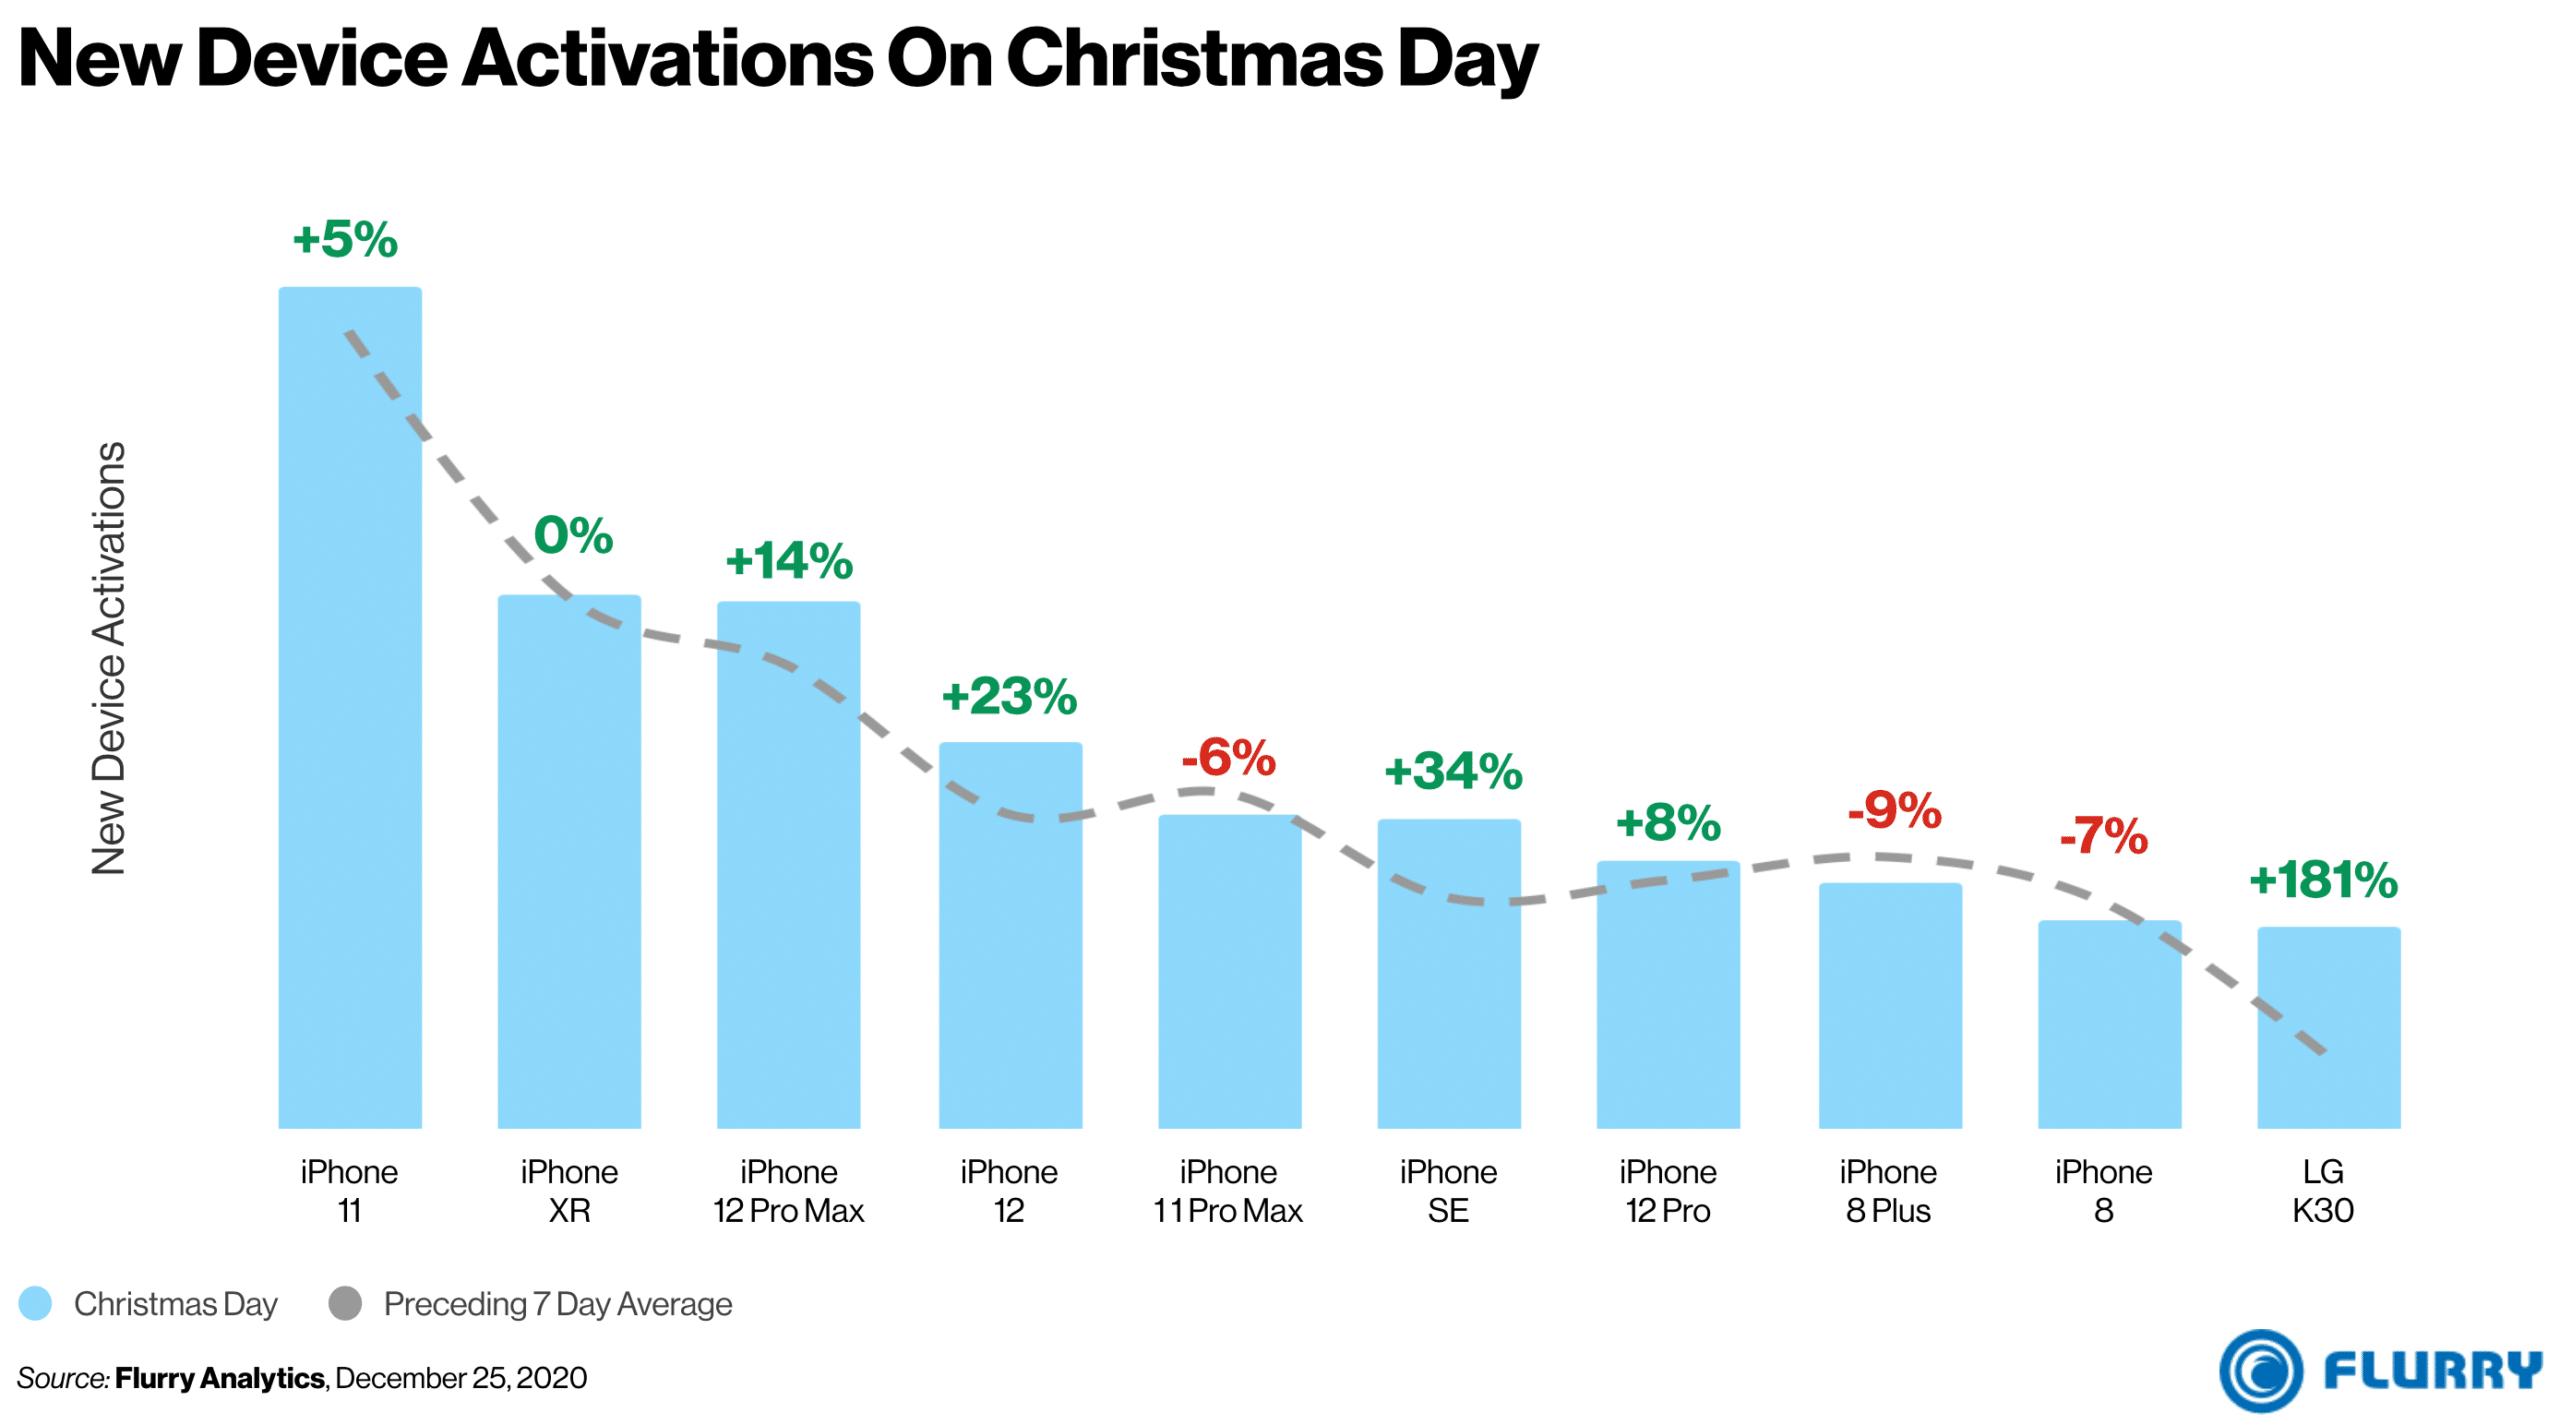 Ativações de smartphones no dia de Natal nos EUA